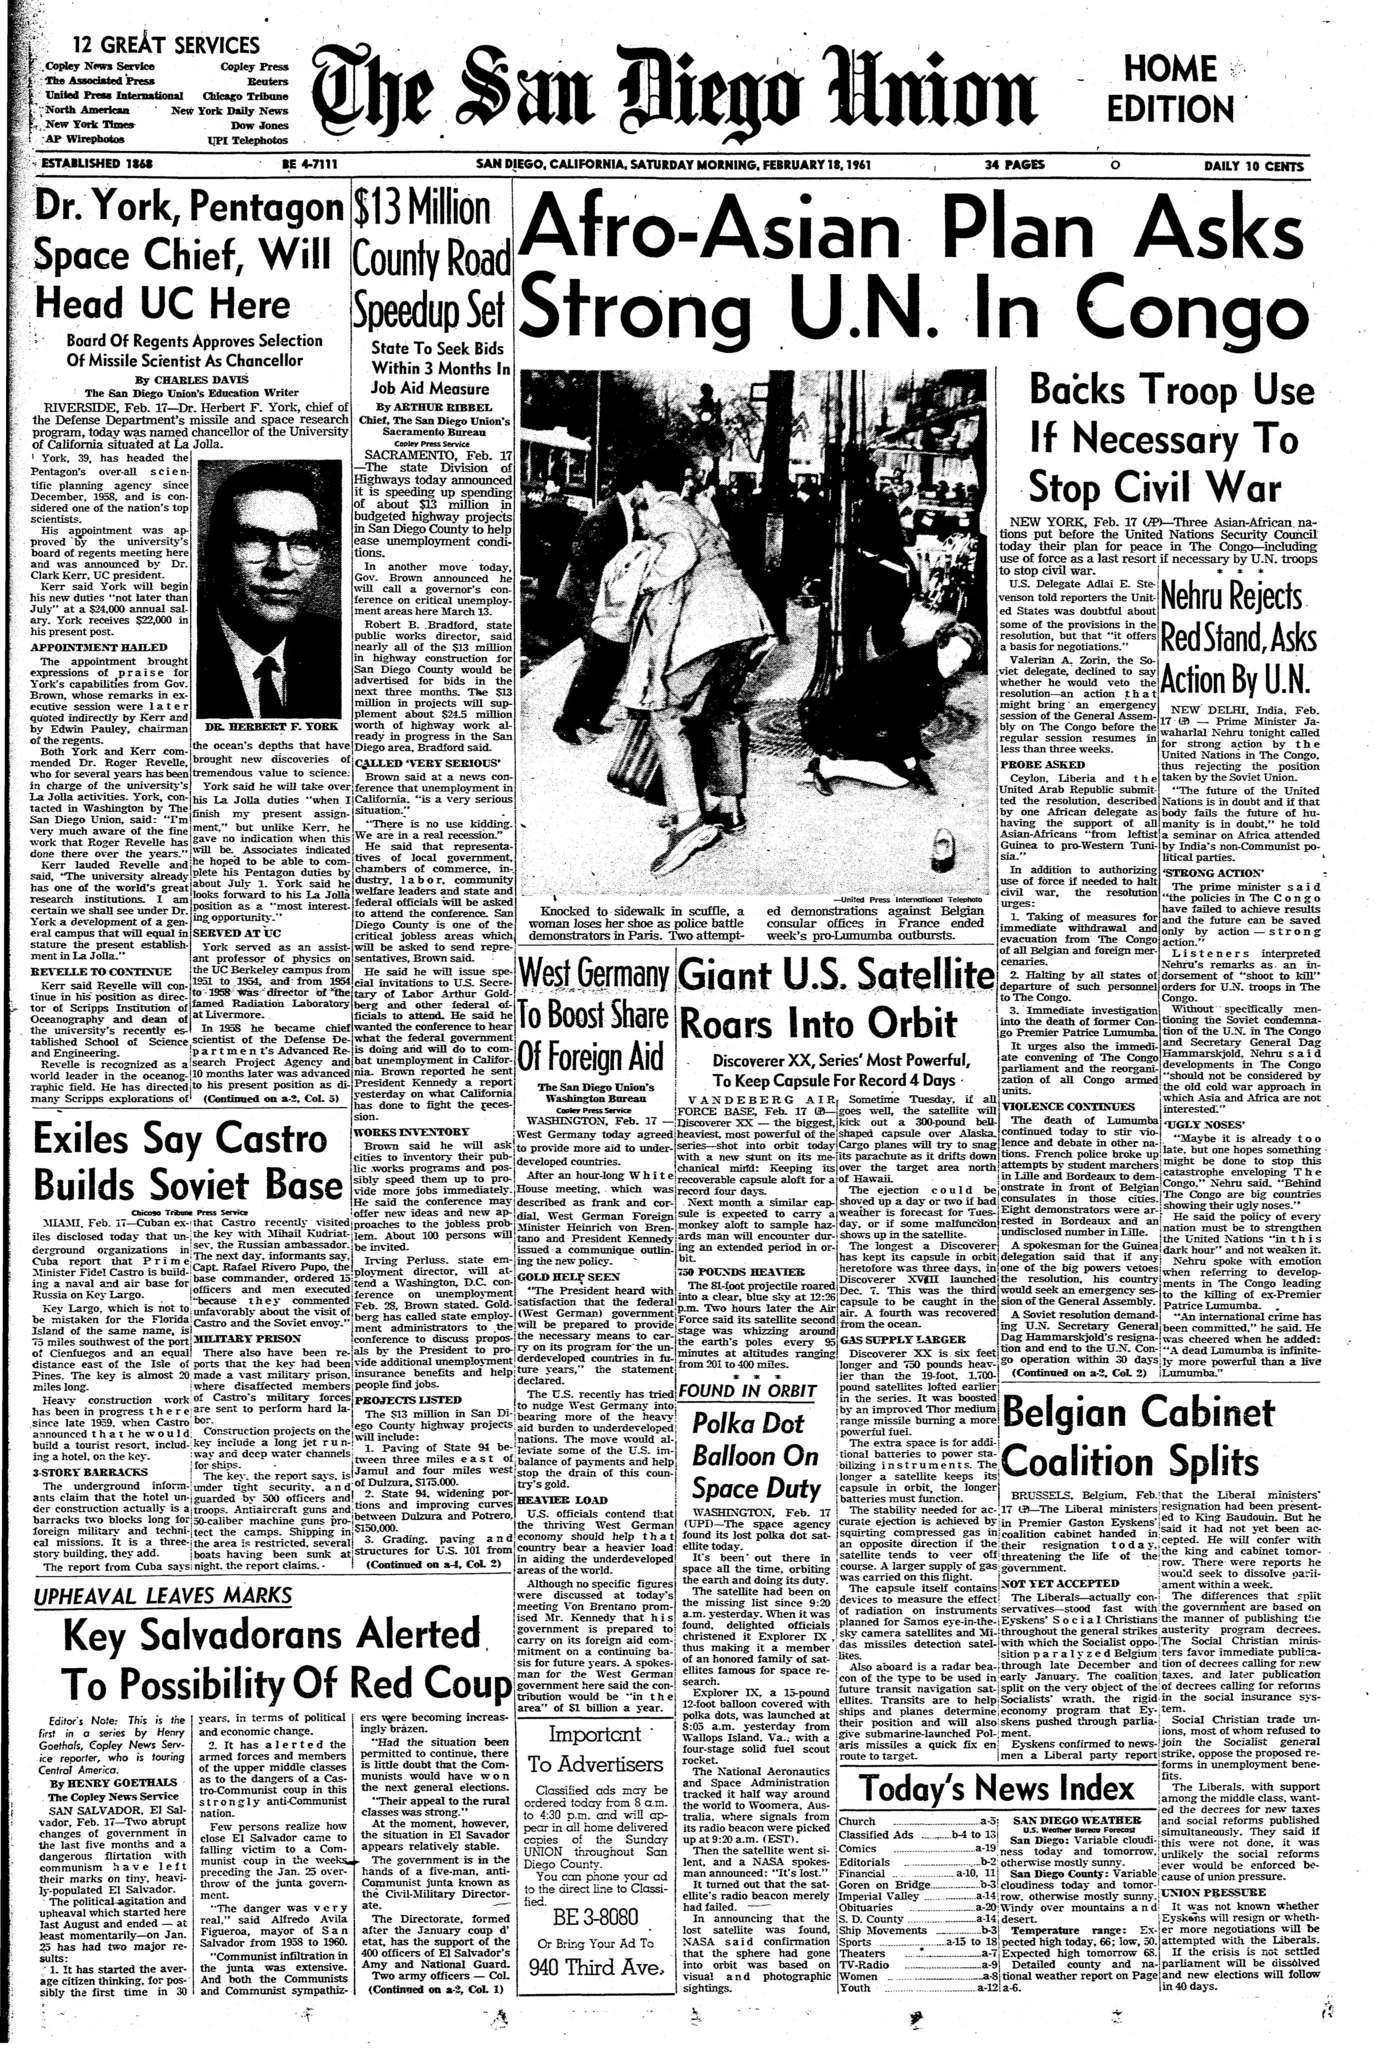 February 18, 1961